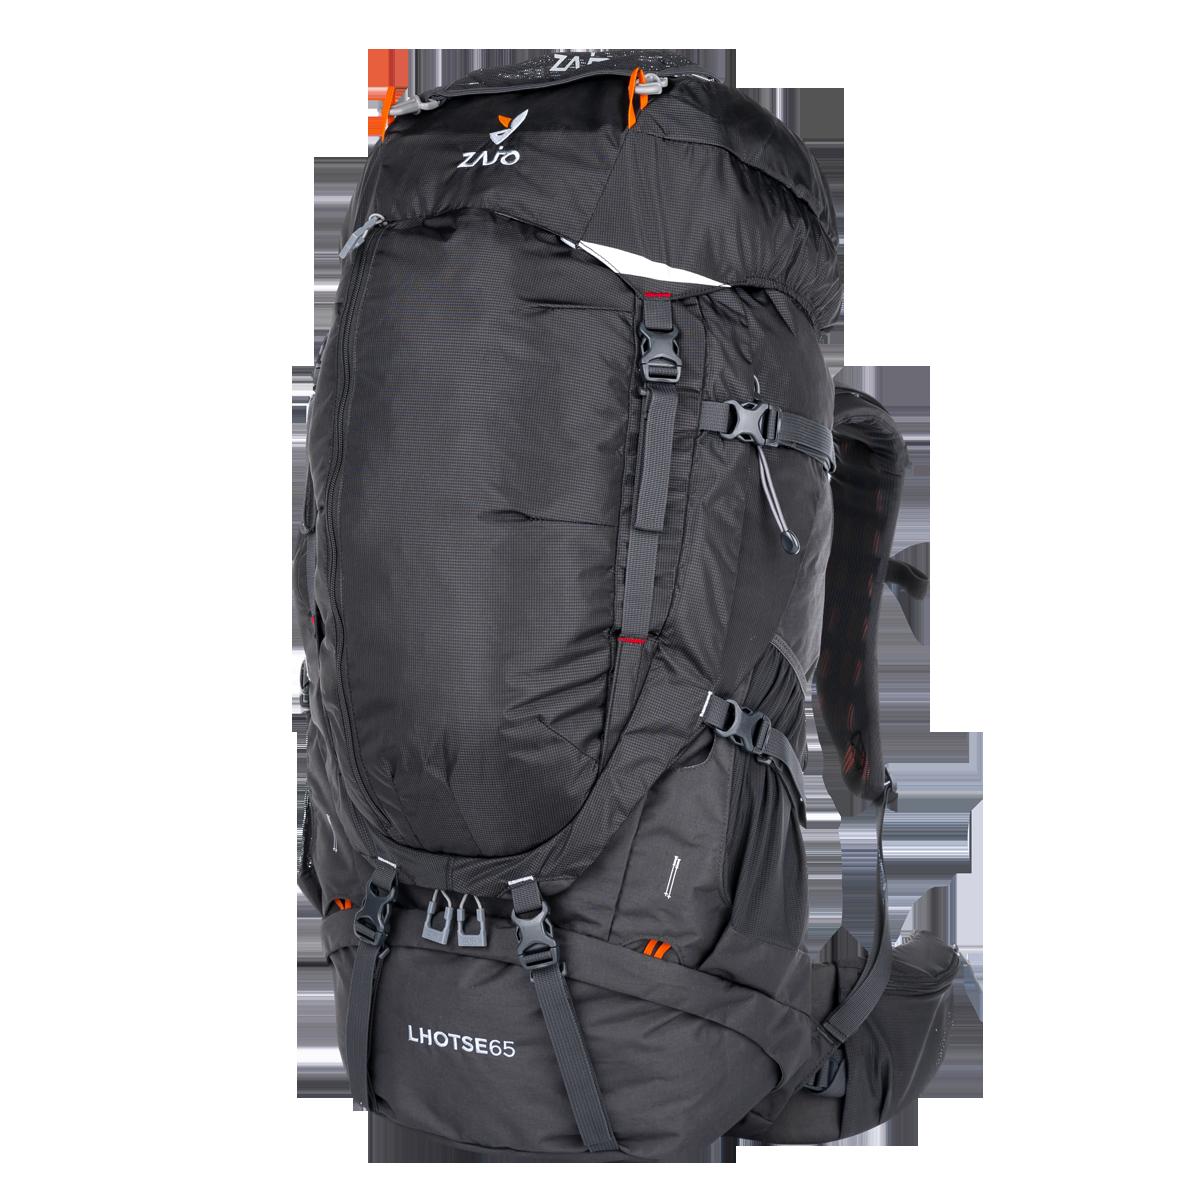 Lhotse 65 Backpack 1